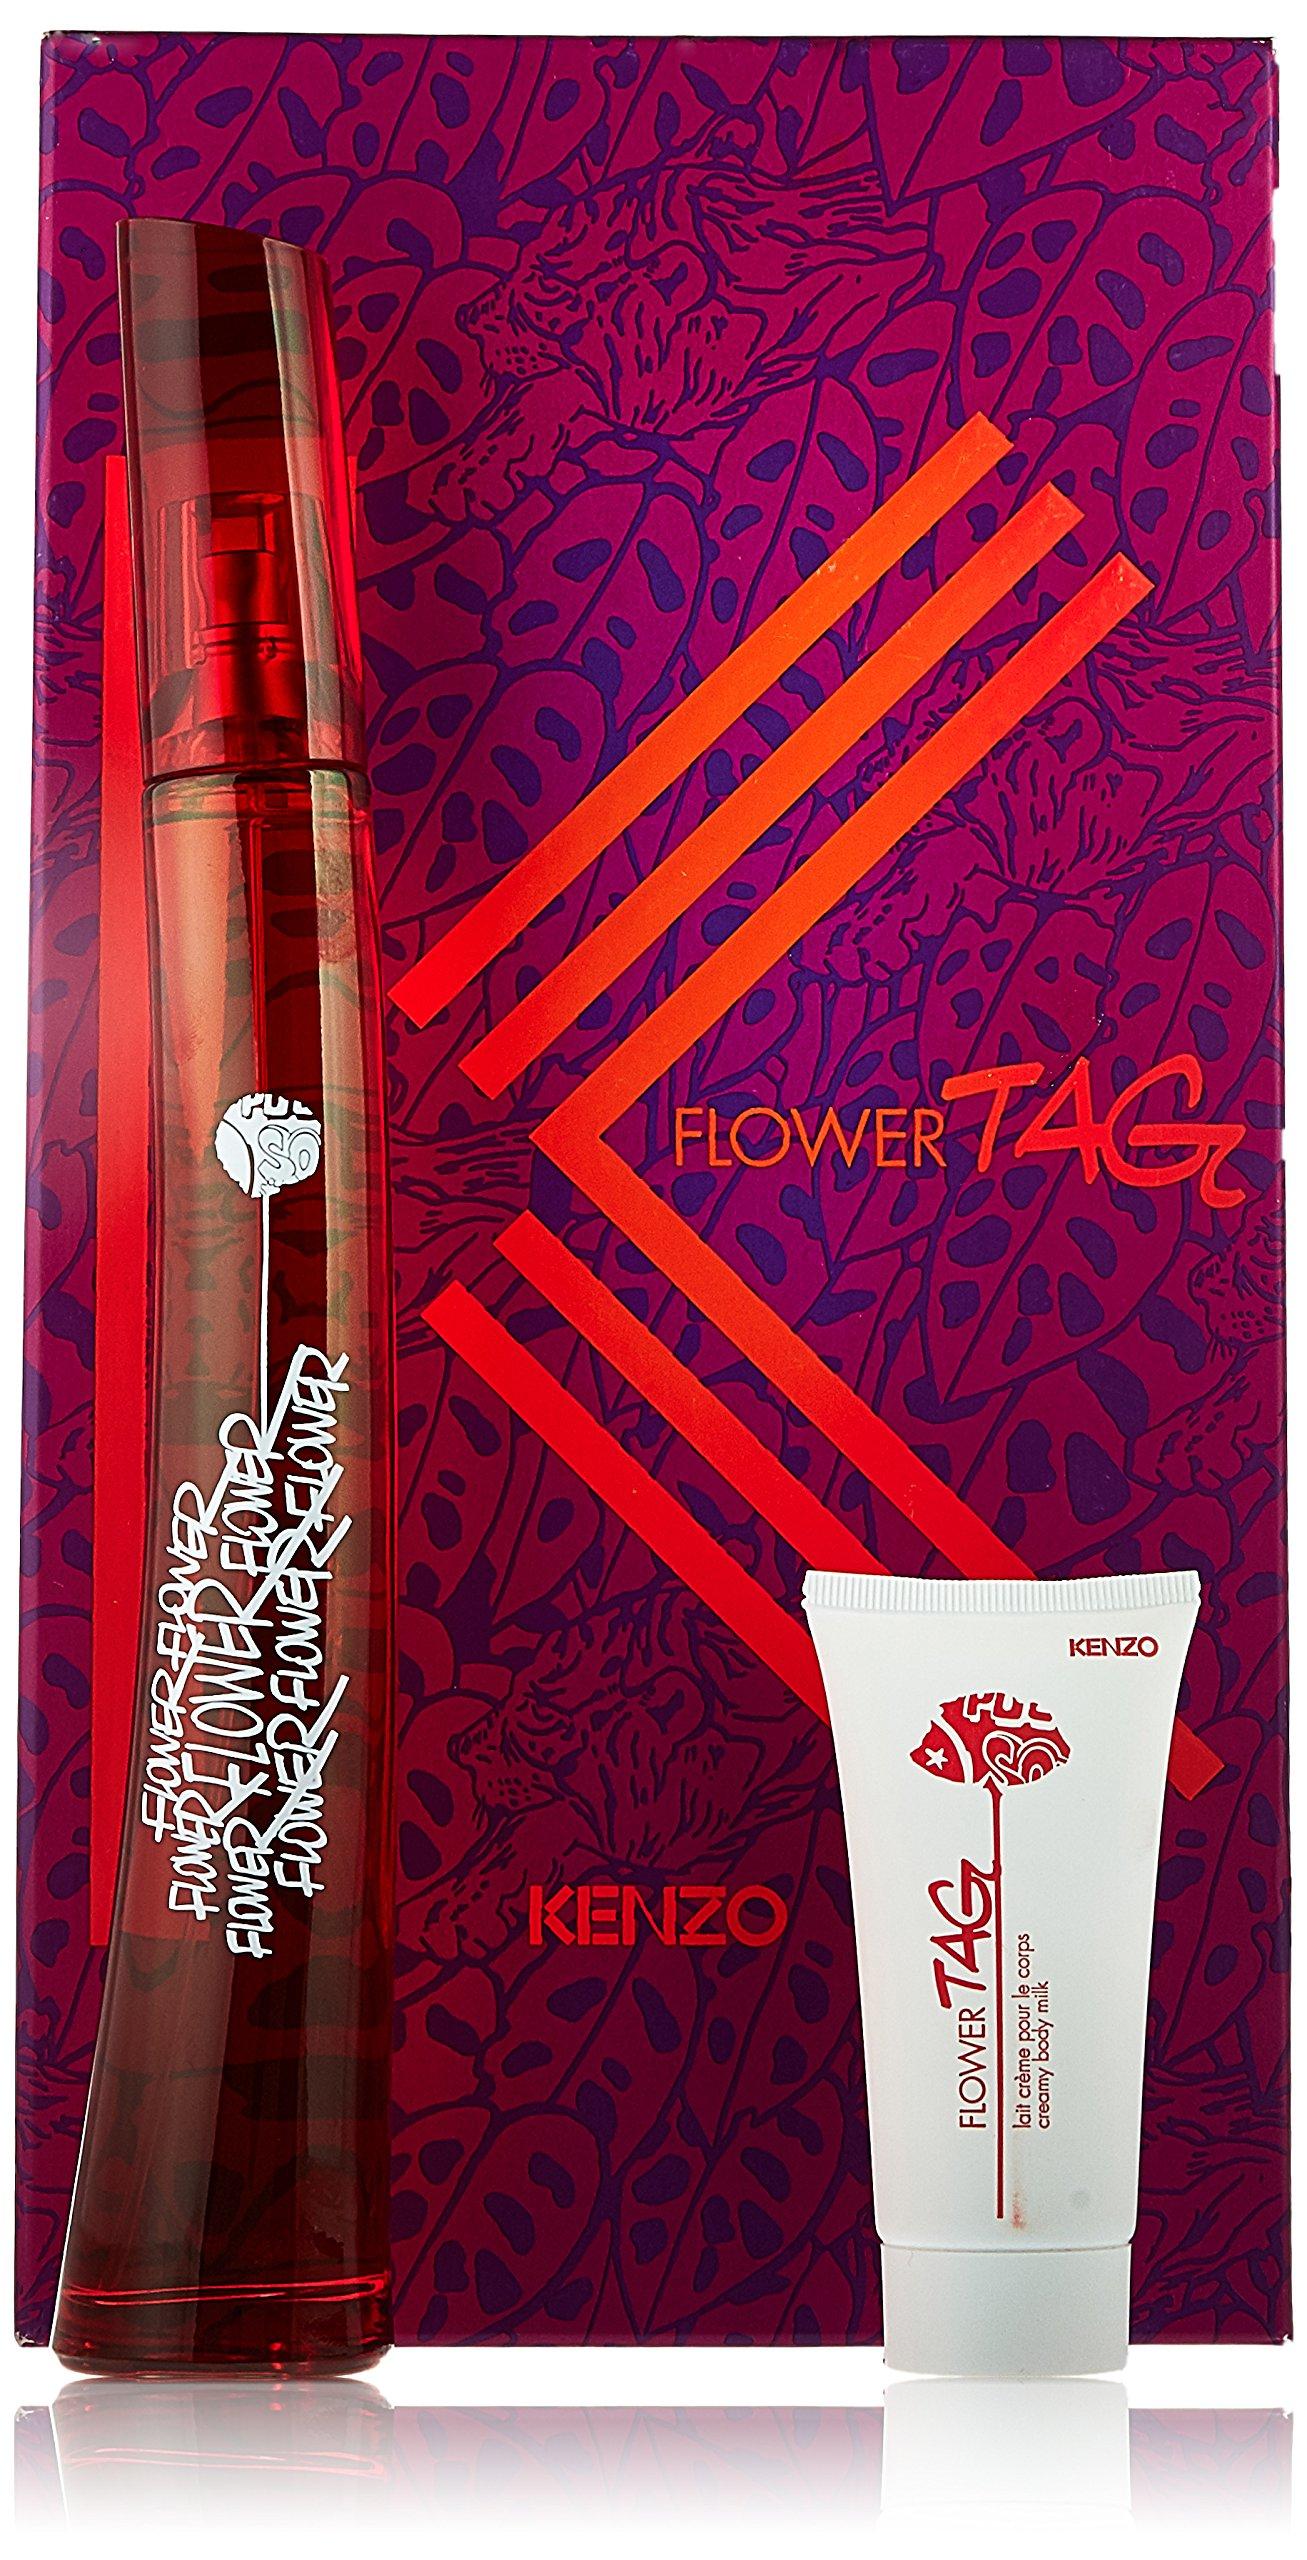 54668dbd8 Get Quotations · Kenzo Flower Tag 3 Piece Gift Set for Women (Eau de  Toilette Spray Plus After